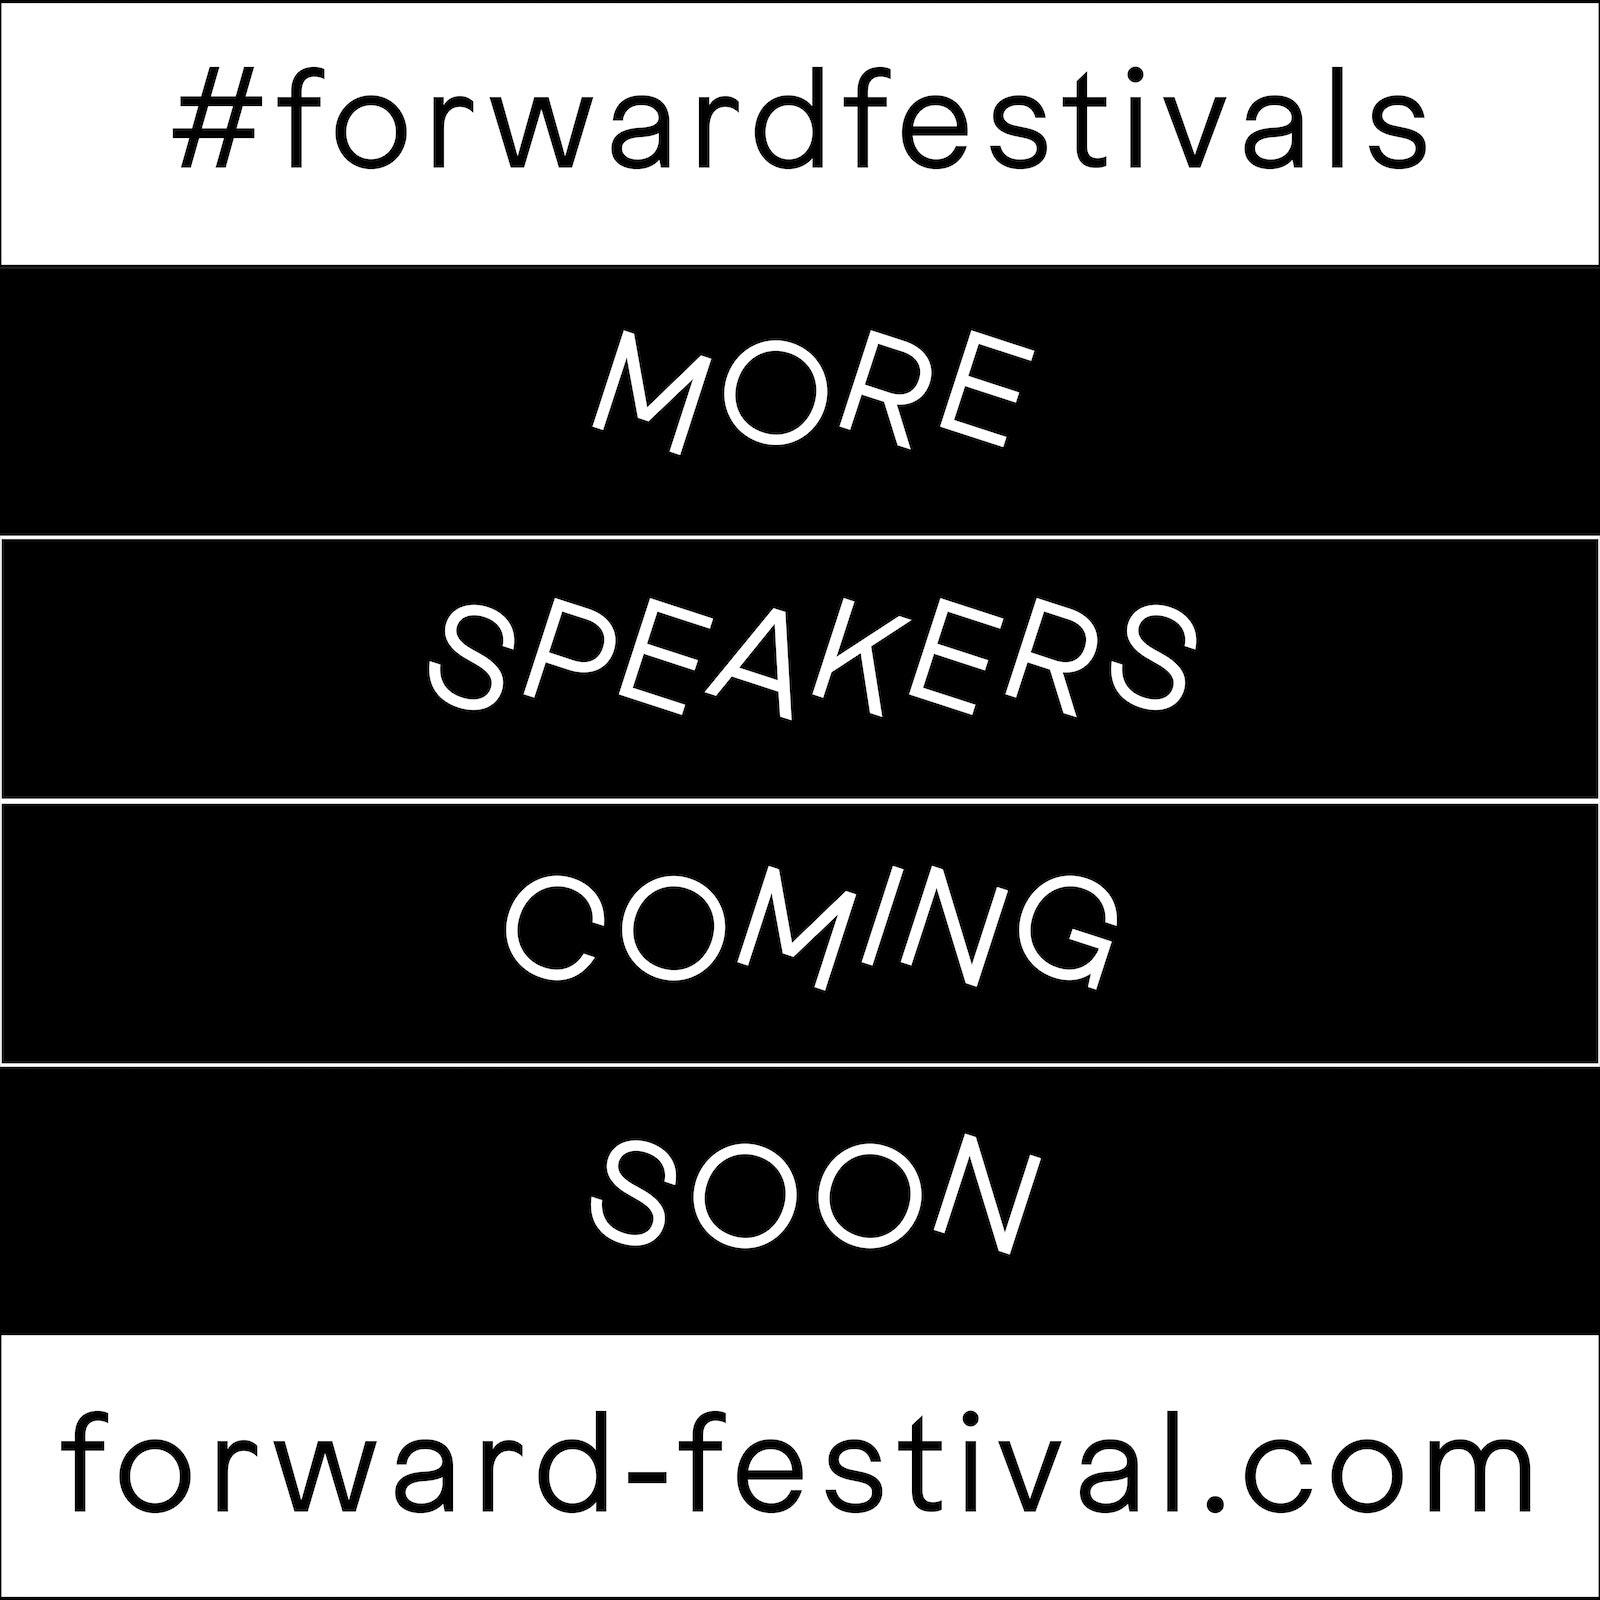 More-speaker-coming-soon